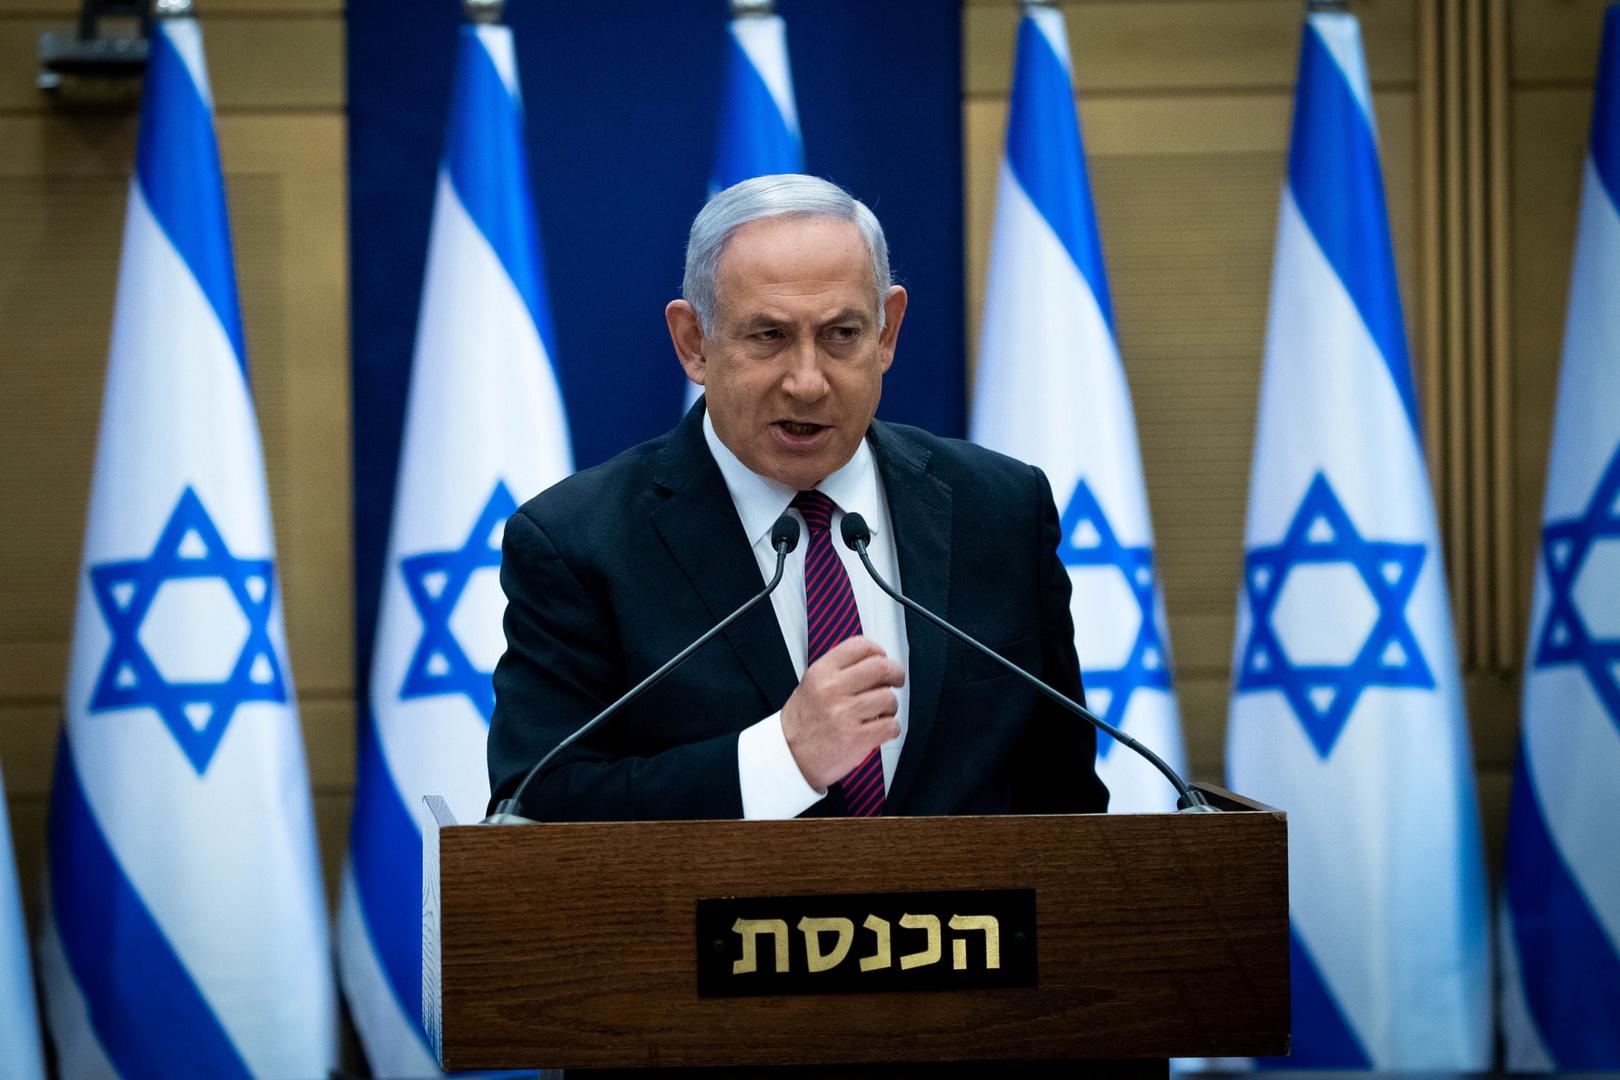 نتنياهو: لا تجوز العودة للاتفاق النووي الخطير وإسرائيل ستدافع عن نفسها